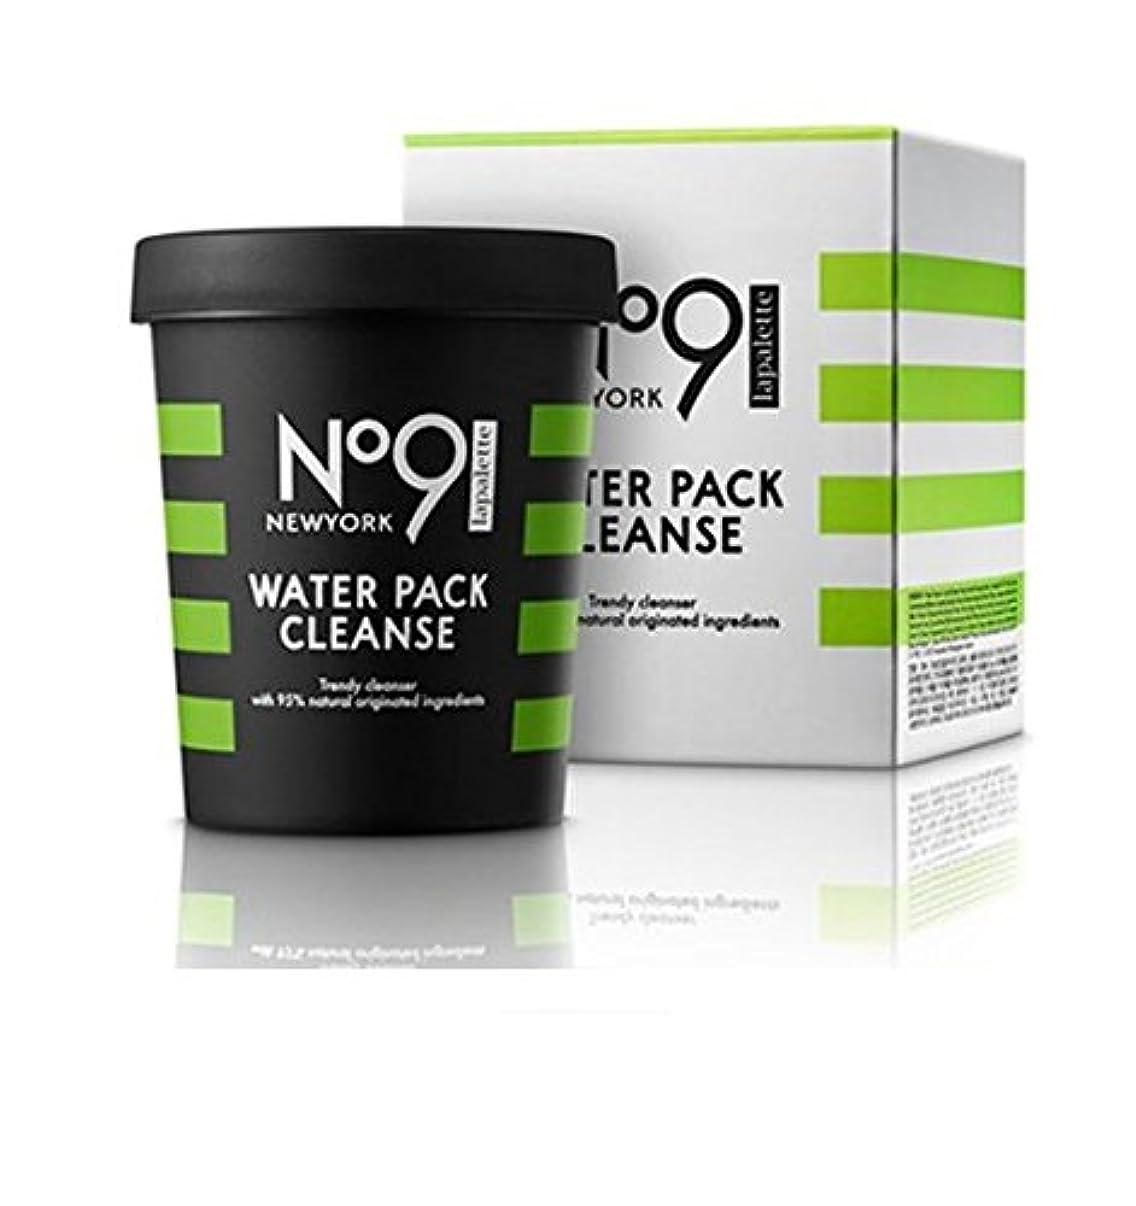 認知対人のホストlapalette (ラ パレット) No.9 ウォーター パッククレンザー/No.9 Water Pack Cleanse (250g) (ゼリーゼリーケール(Jelly Jelly Kale)) [並行輸入品]